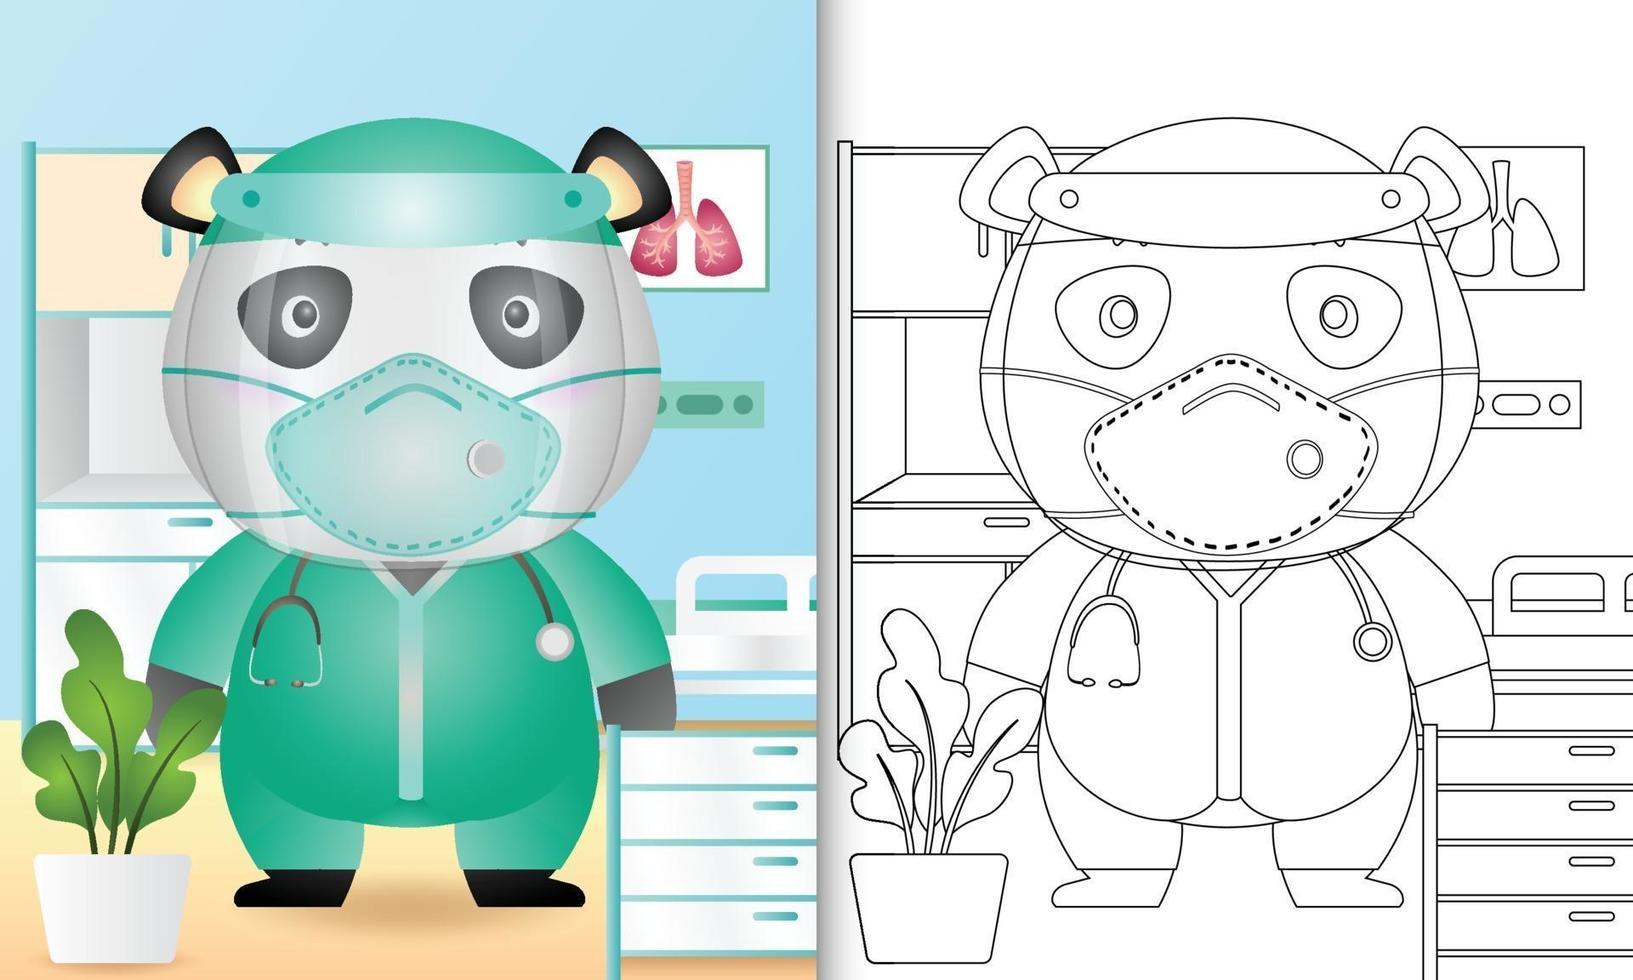 Malbuch für Kinder mit einer niedlichen Panda-Charakterillustration vektor